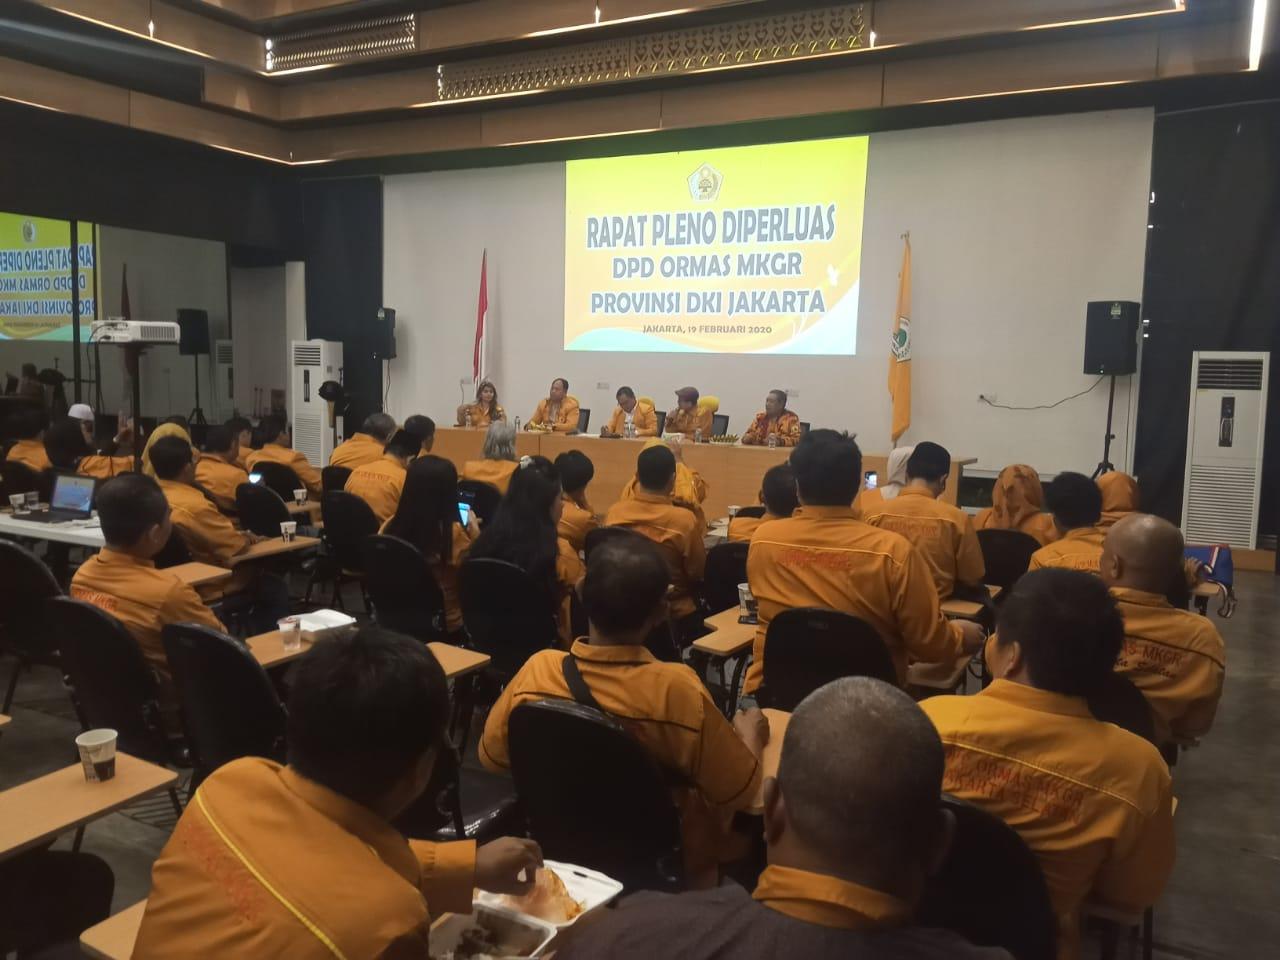 Gelar Rapat Pleno, MKGR DKI Solid Dukung Ahmet Zaki Jadi Bos Beringin Ibukota